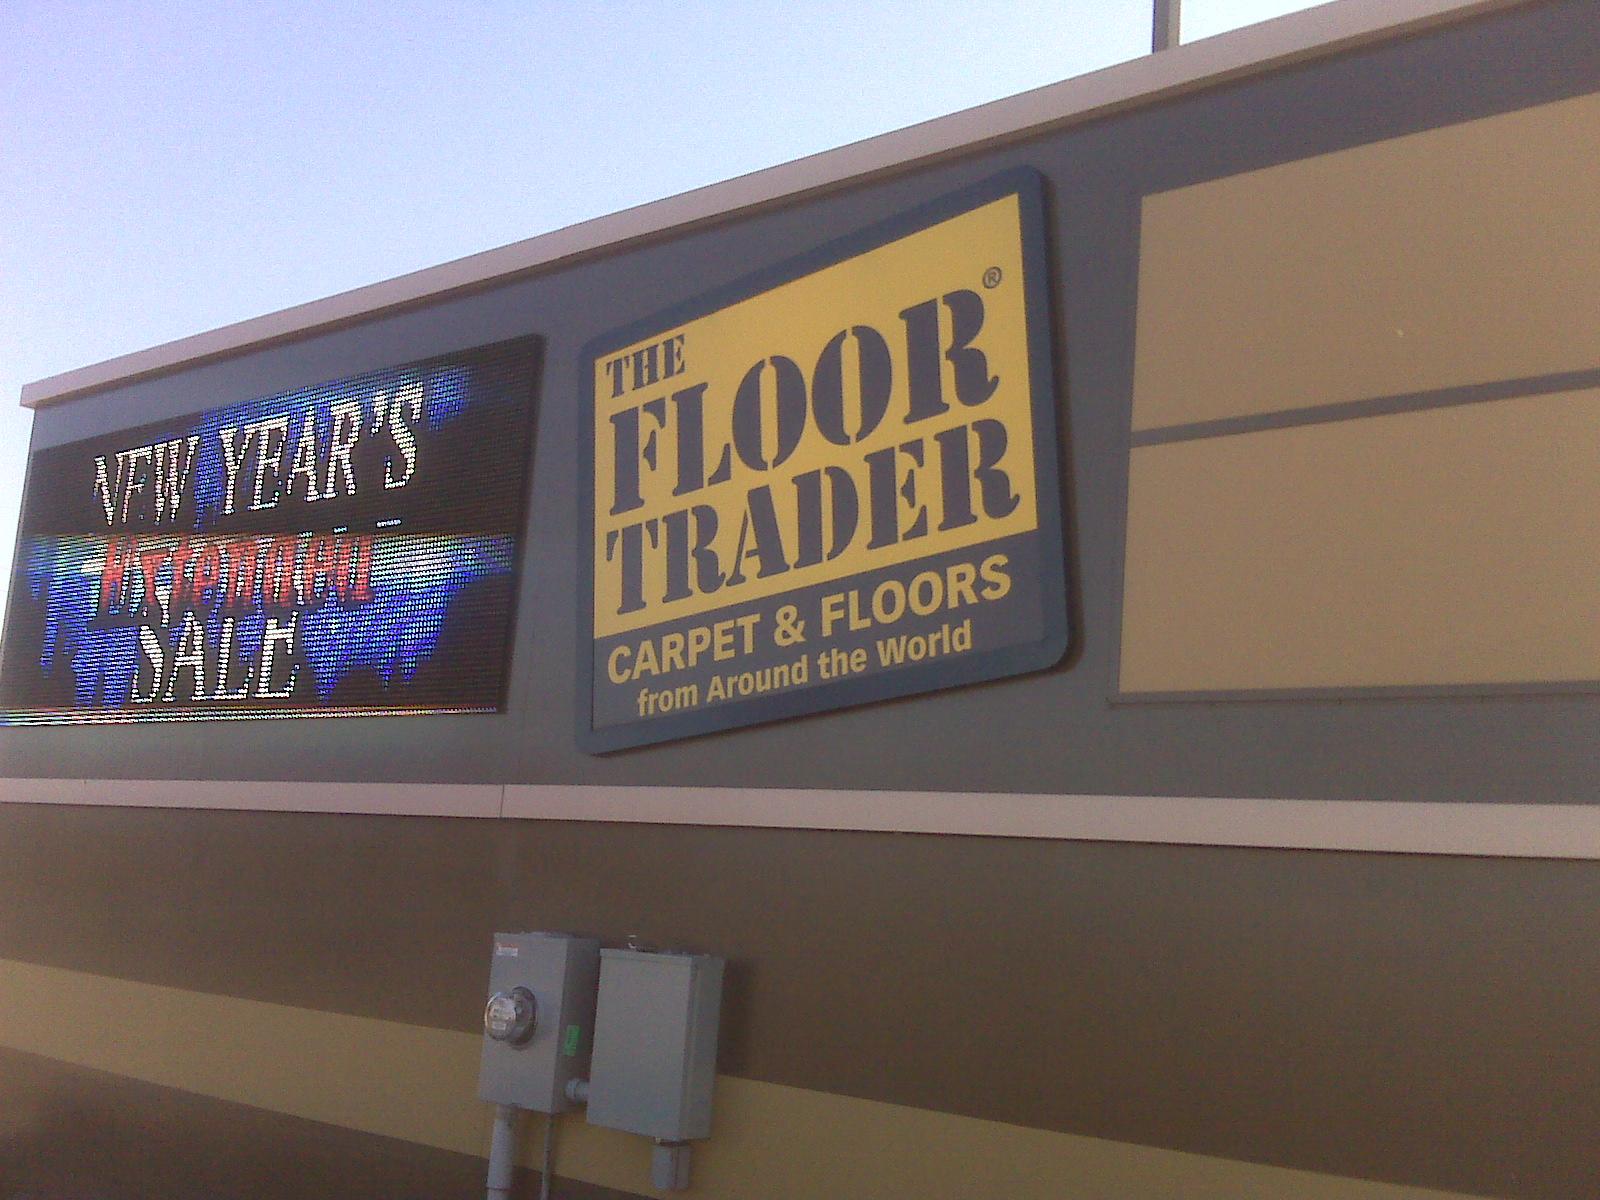 Floor-Trader-James-Mohrmann-2010-01-051